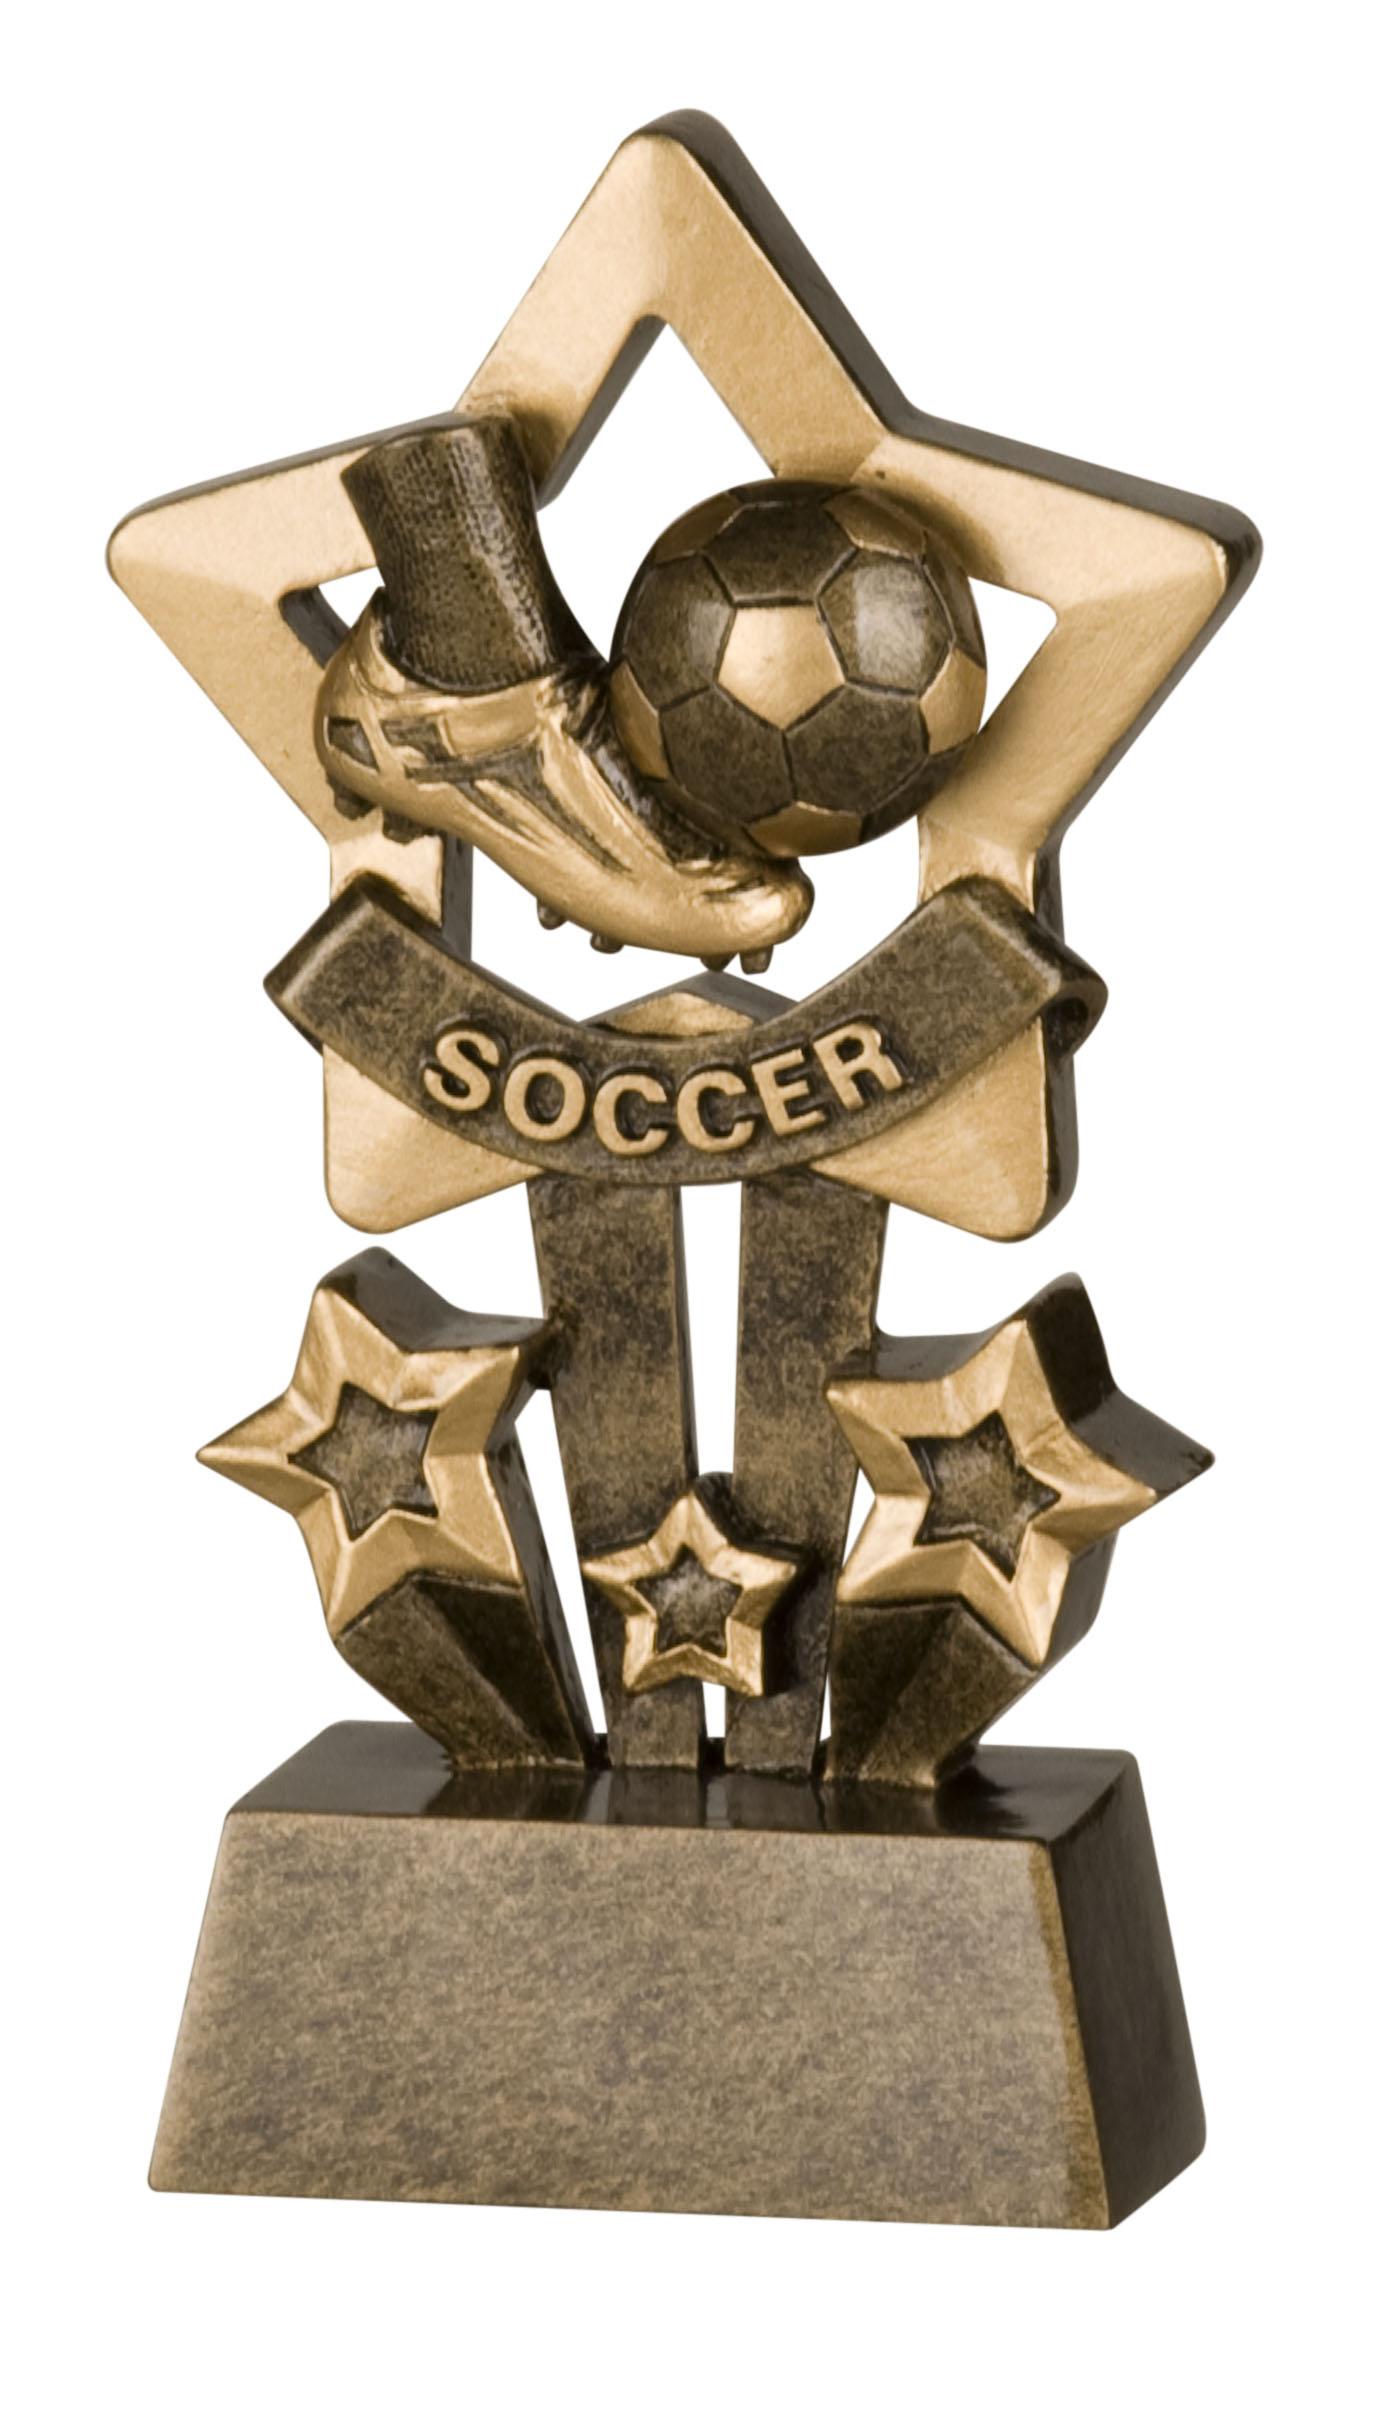 Soccer - STR-06